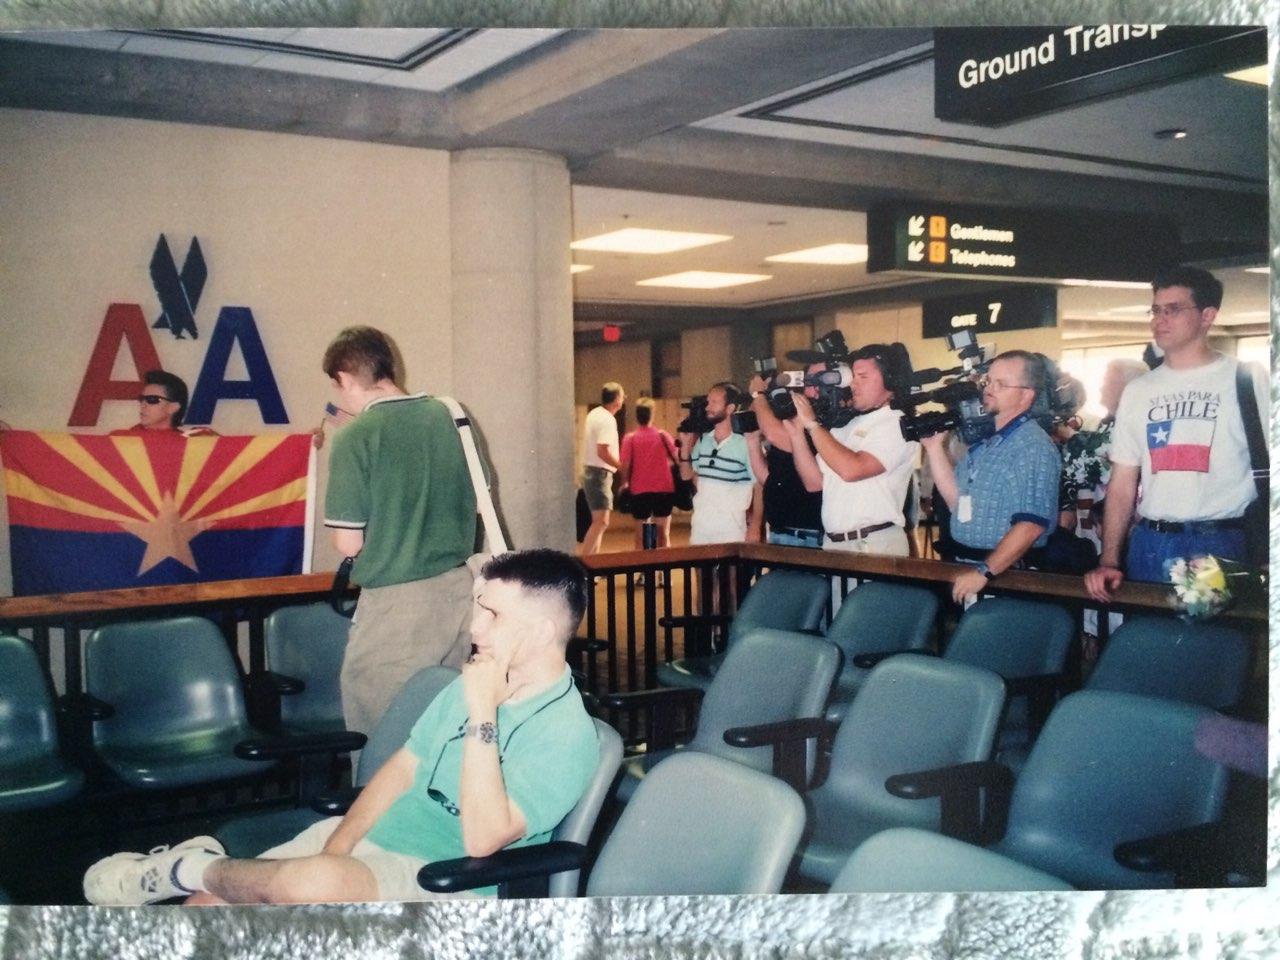 Kështu priteshin refugjatët shqiptarë nga Kosova në aeroportin e Feniksit, më 1999